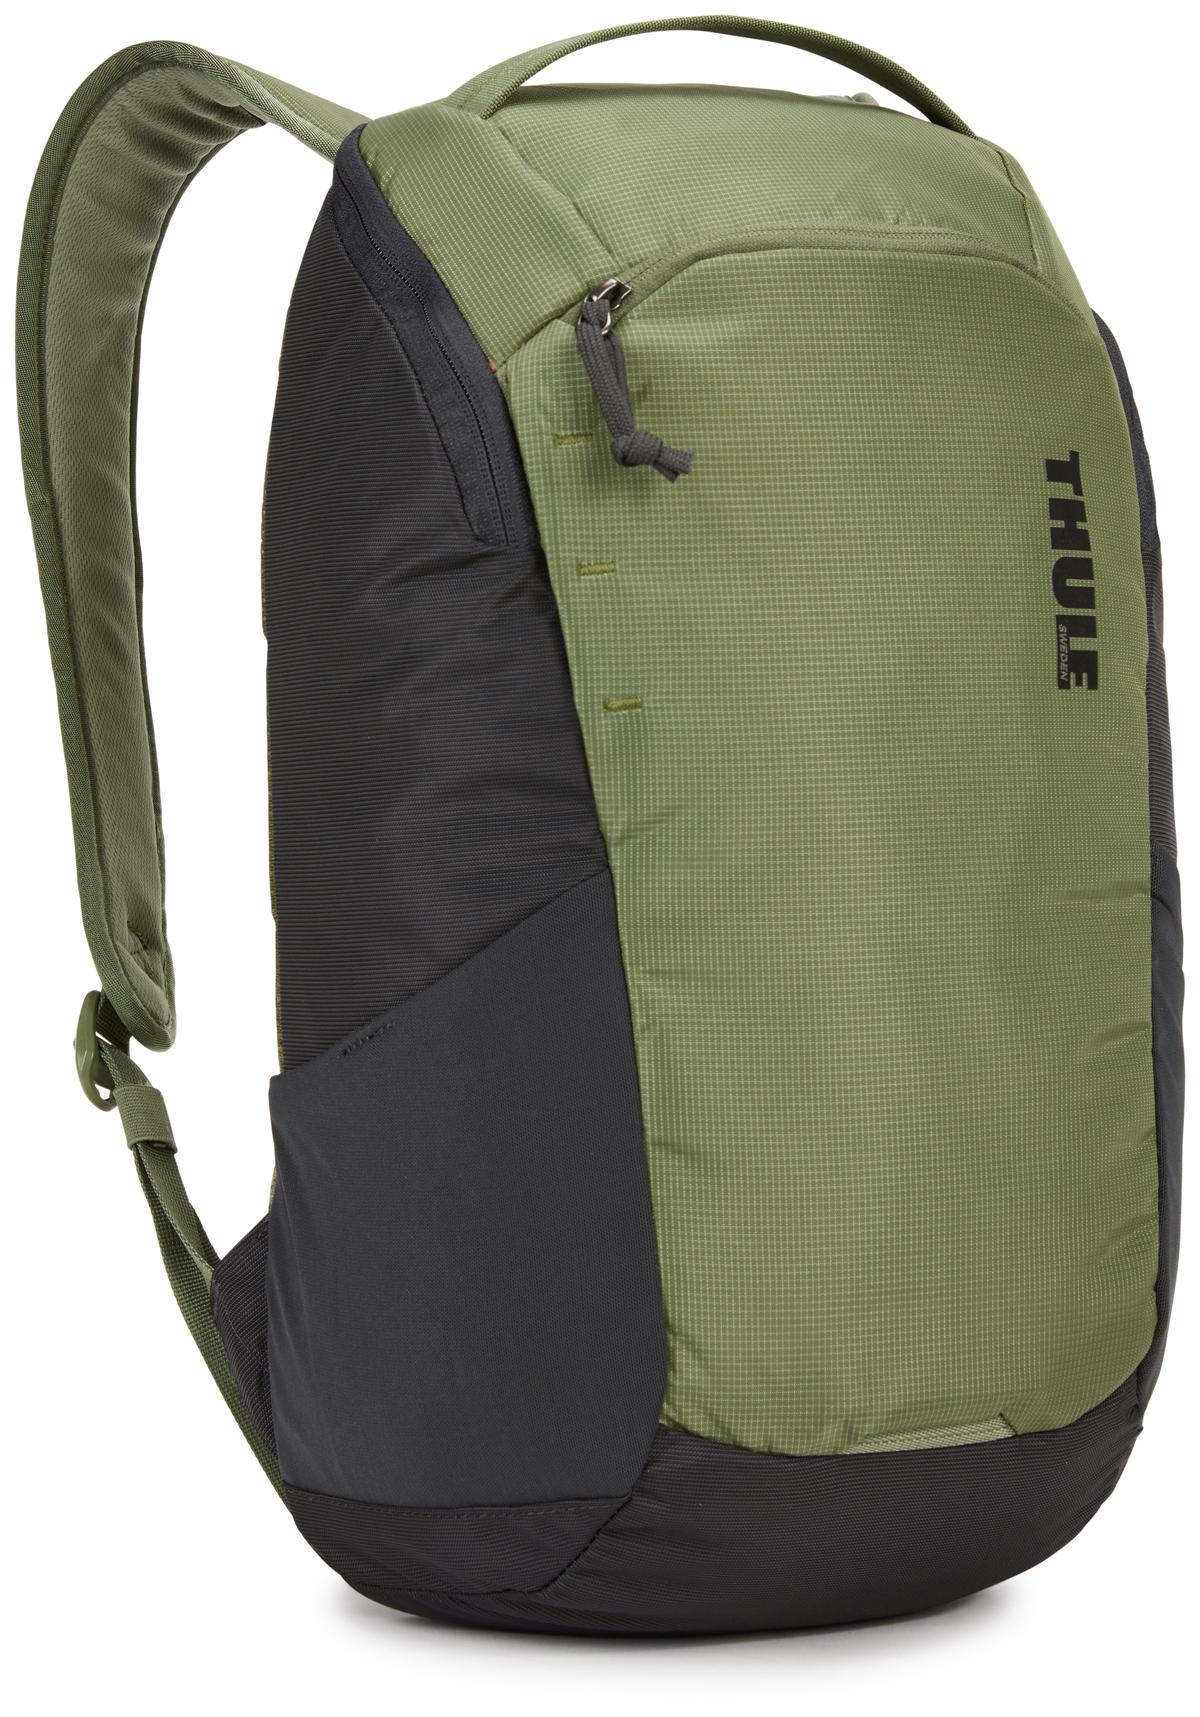 2-für-1 auf Reisegepäck (Rucksäcke, Taschen, Trolleys, etc.): z.B. 2x Thule EnRoute Backpack 14L olive für 69,95€